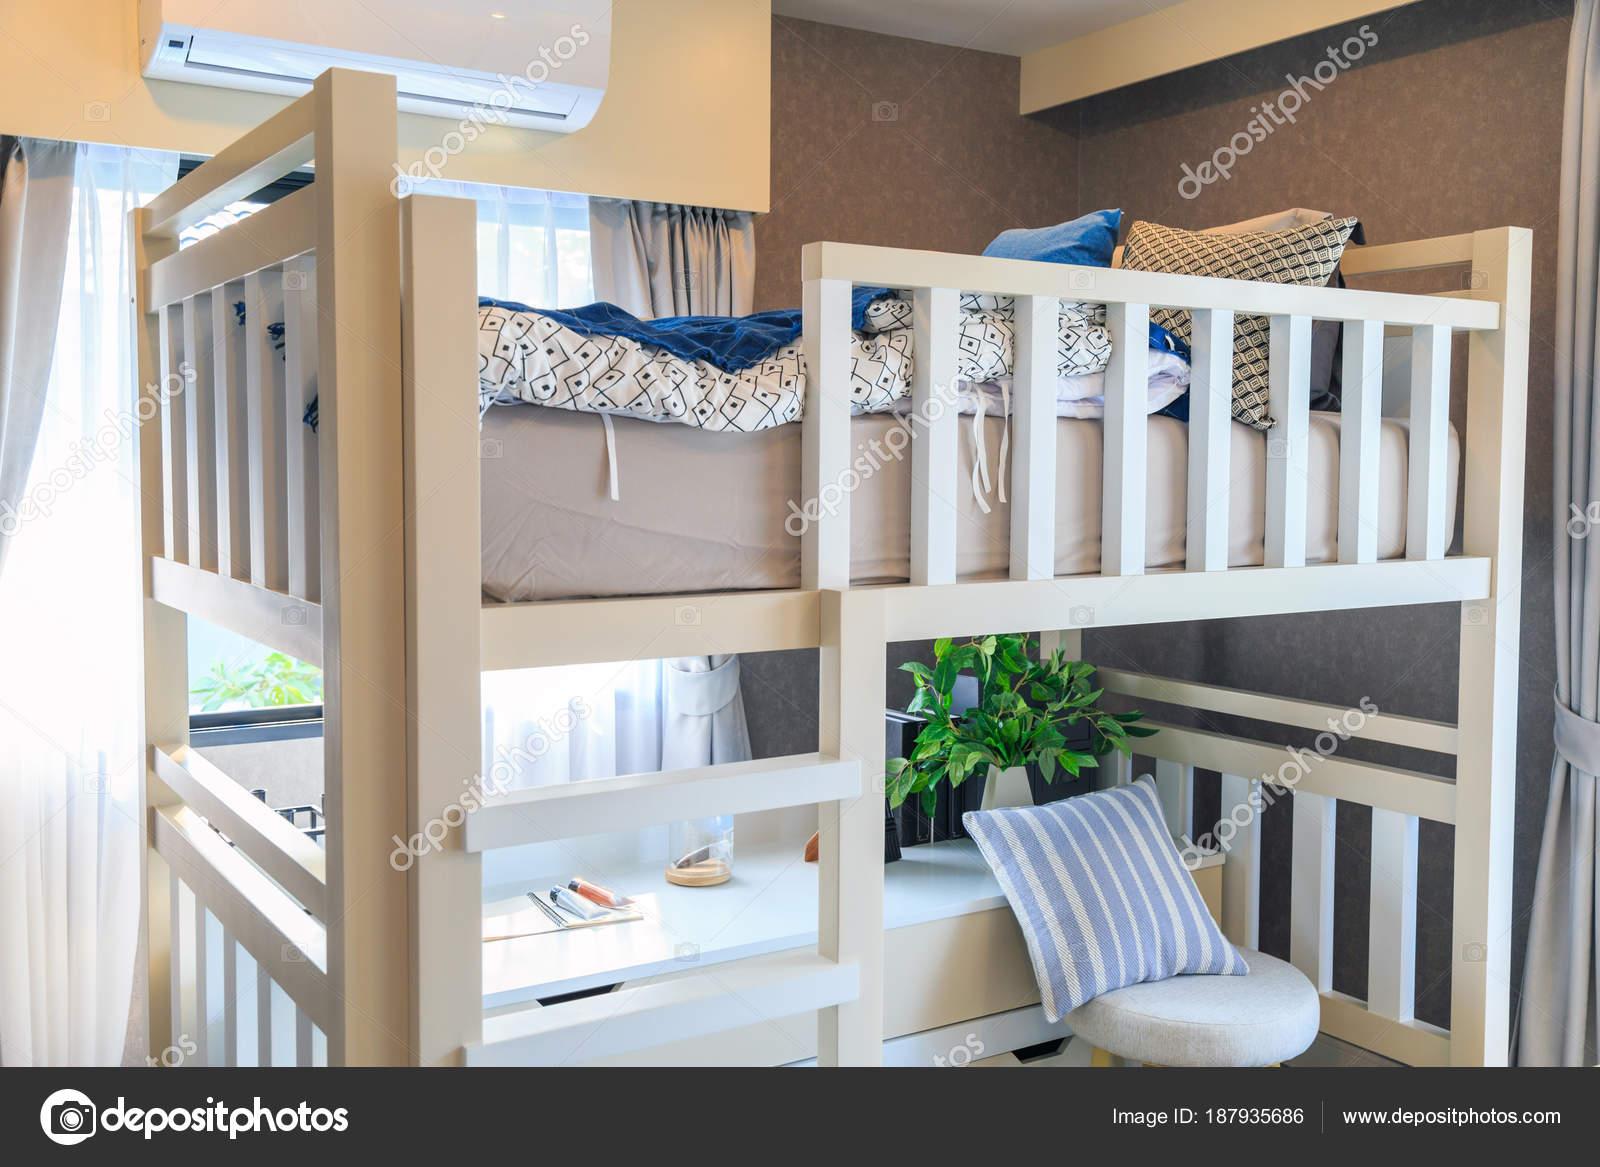 Etagenbett Holz : ᐅᐅ】 etagenbett holz test ▷ in schritten zum perfekten